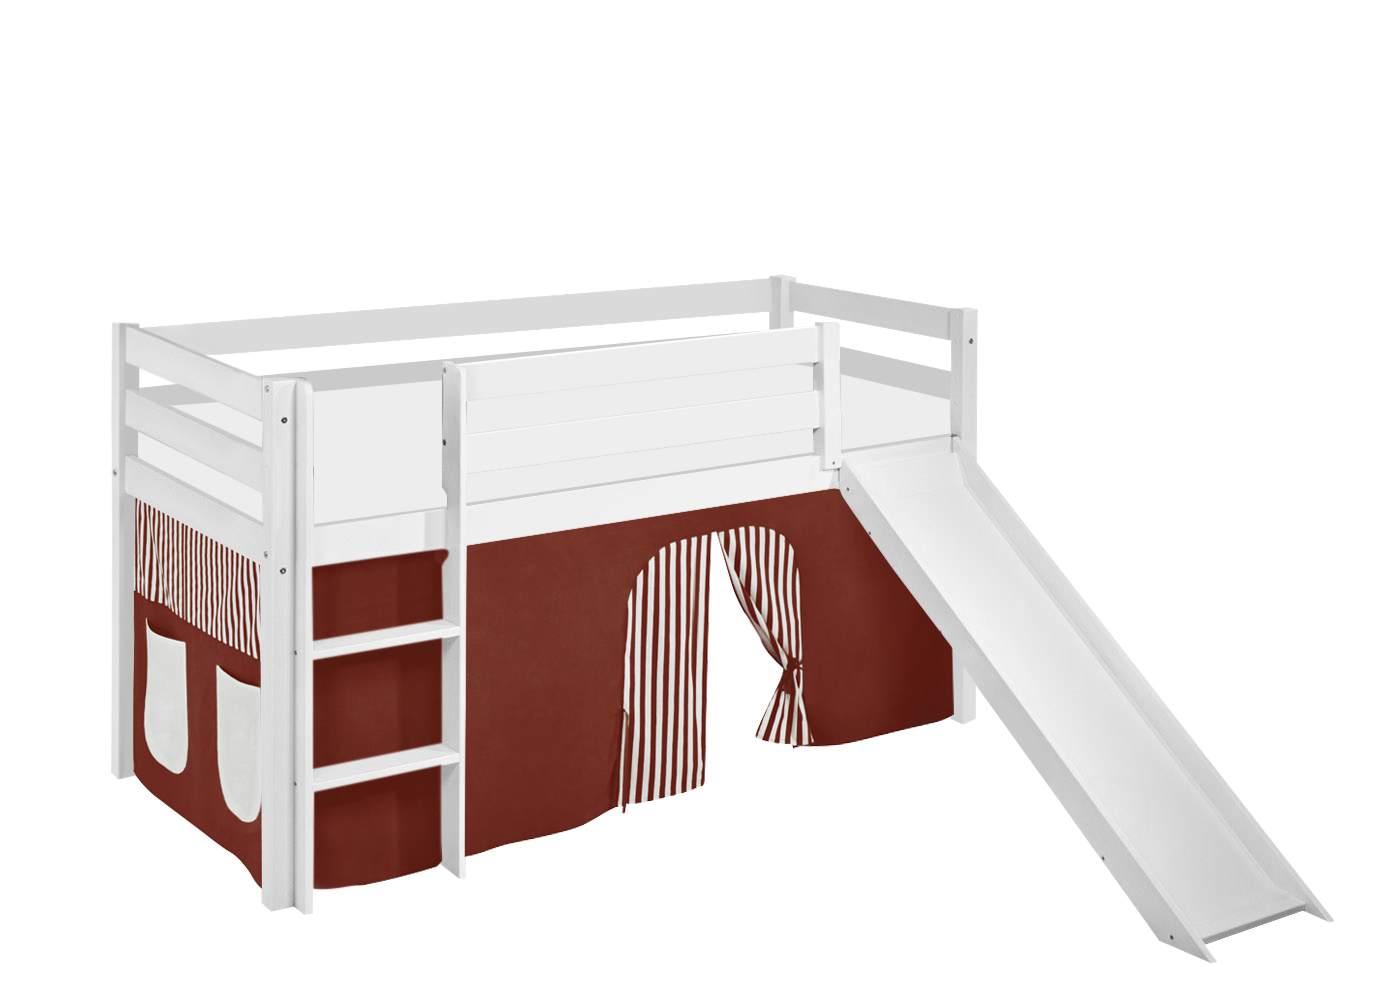 Lilokids 'Jelle' Spielbett 90 x 190 cm, Braun Beige, Kiefer massiv, mit Rutsche und Vorhang Bild 1